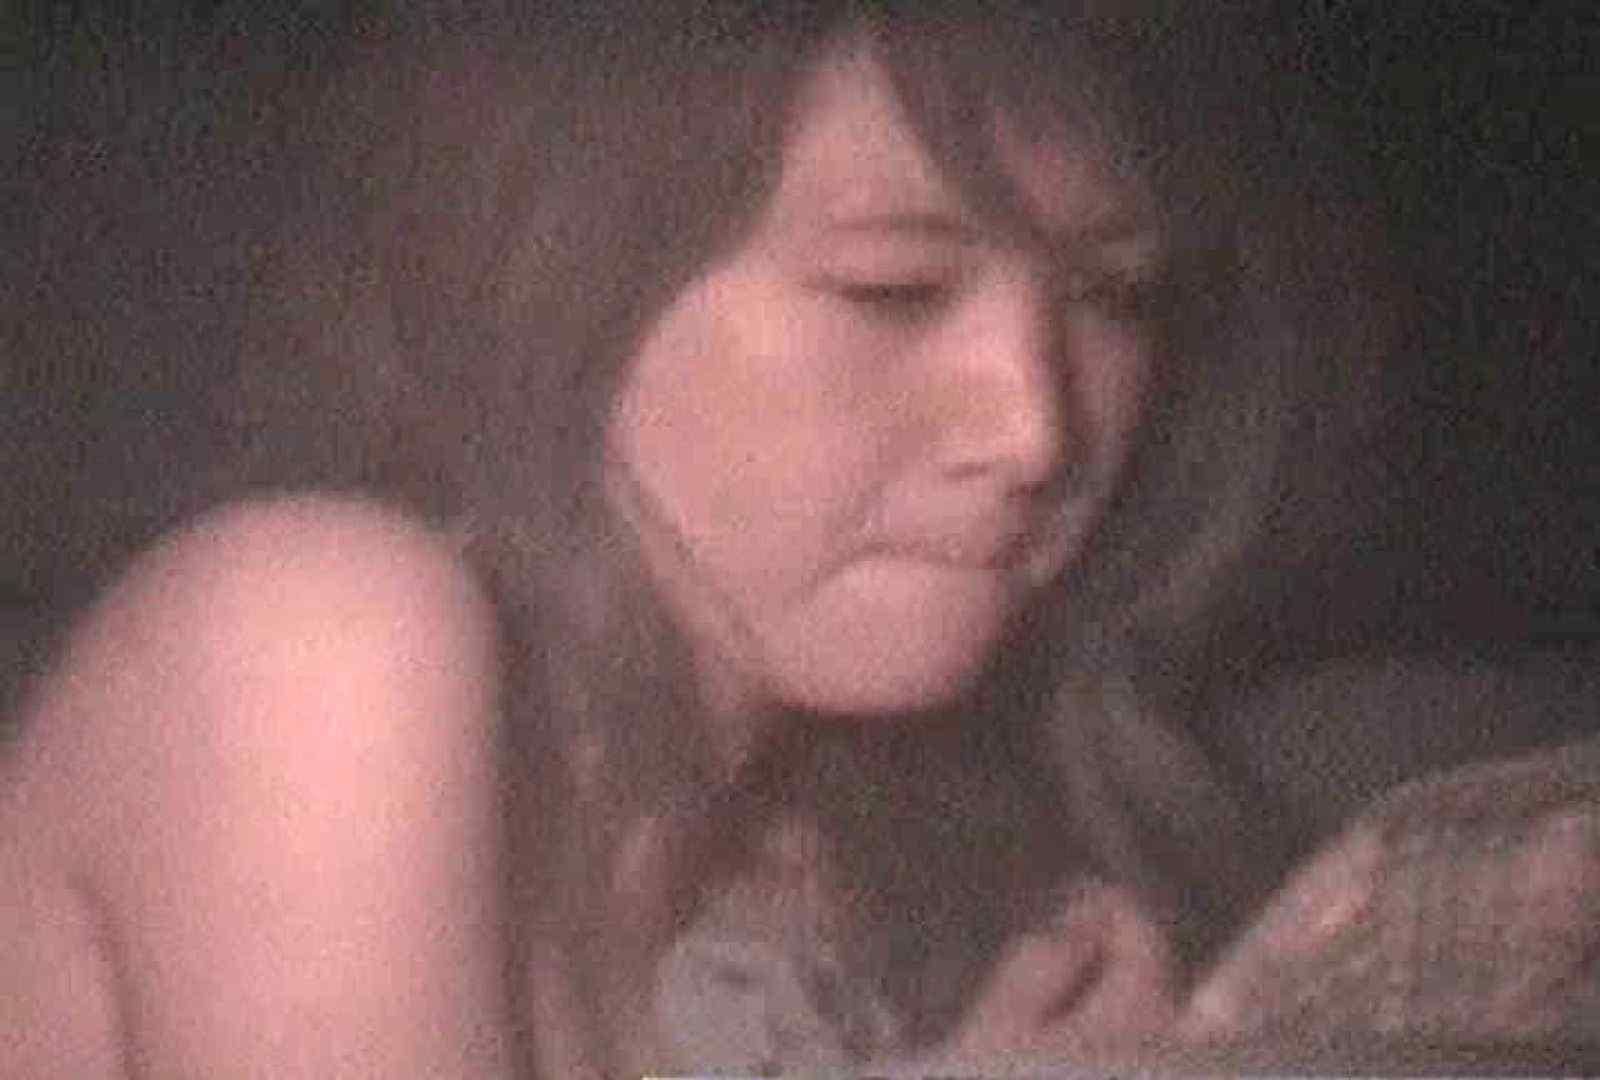 充血監督の深夜の運動会Vol.53 おまんこ セックス画像 97pic 27